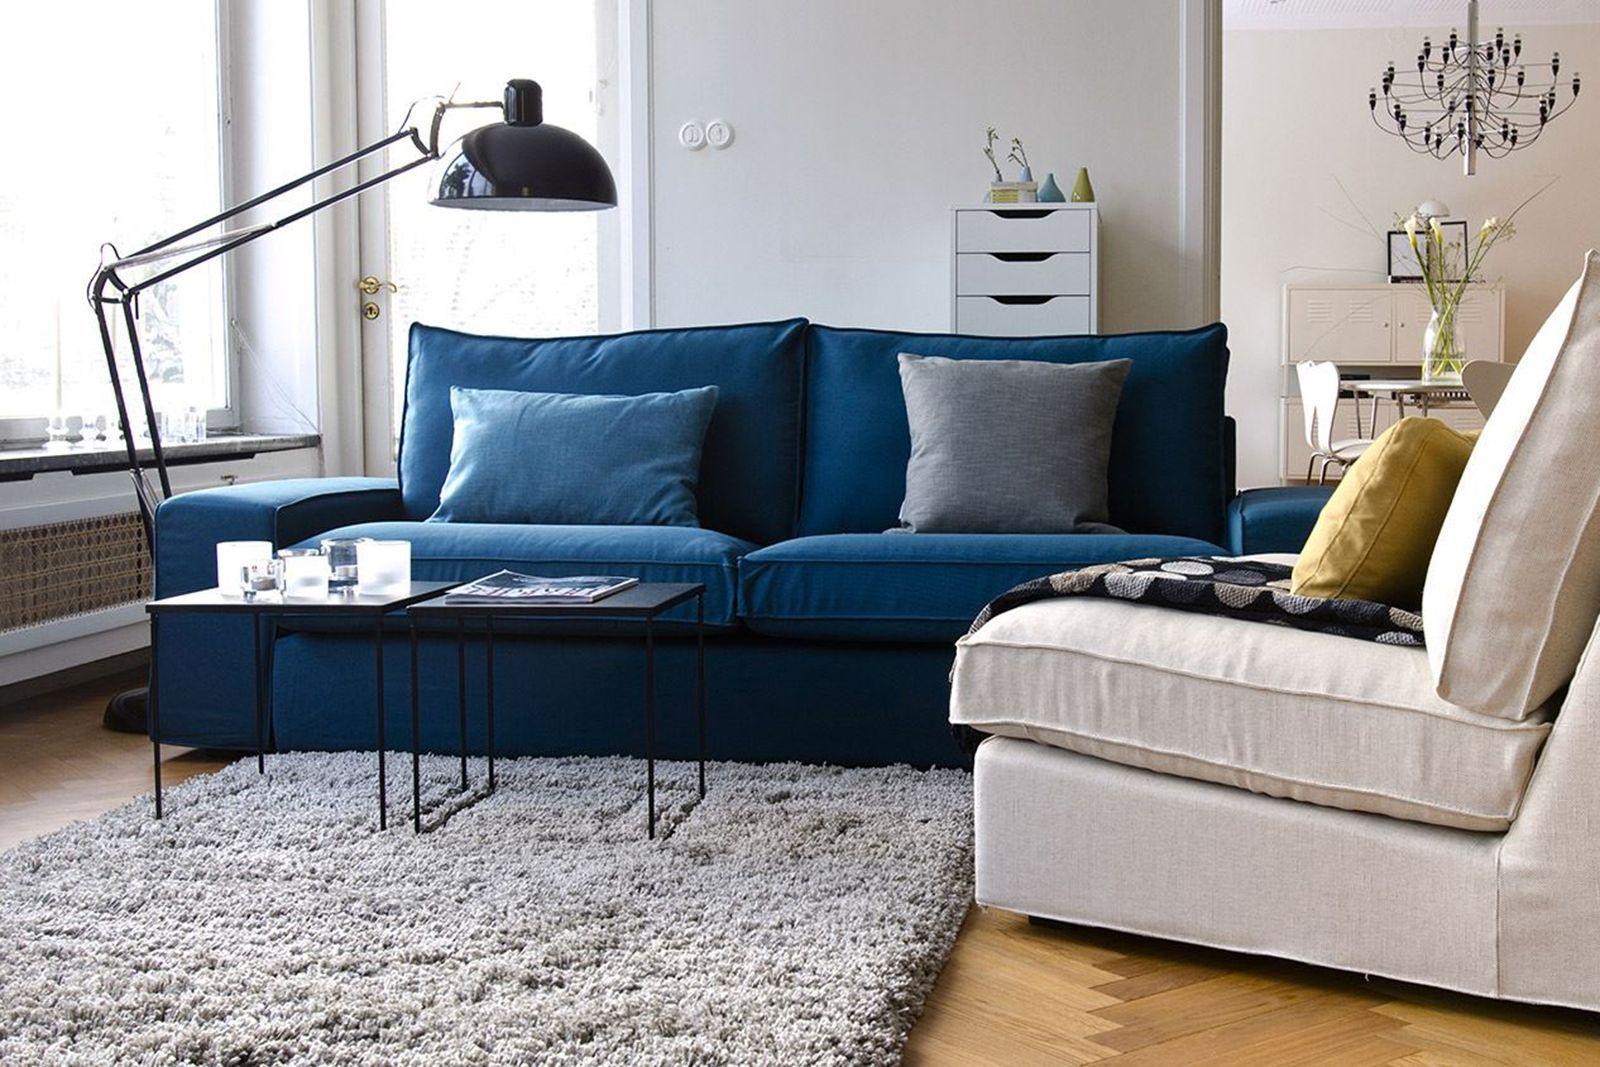 Make Your Ikea Furniture Look Expensive Make Ikea